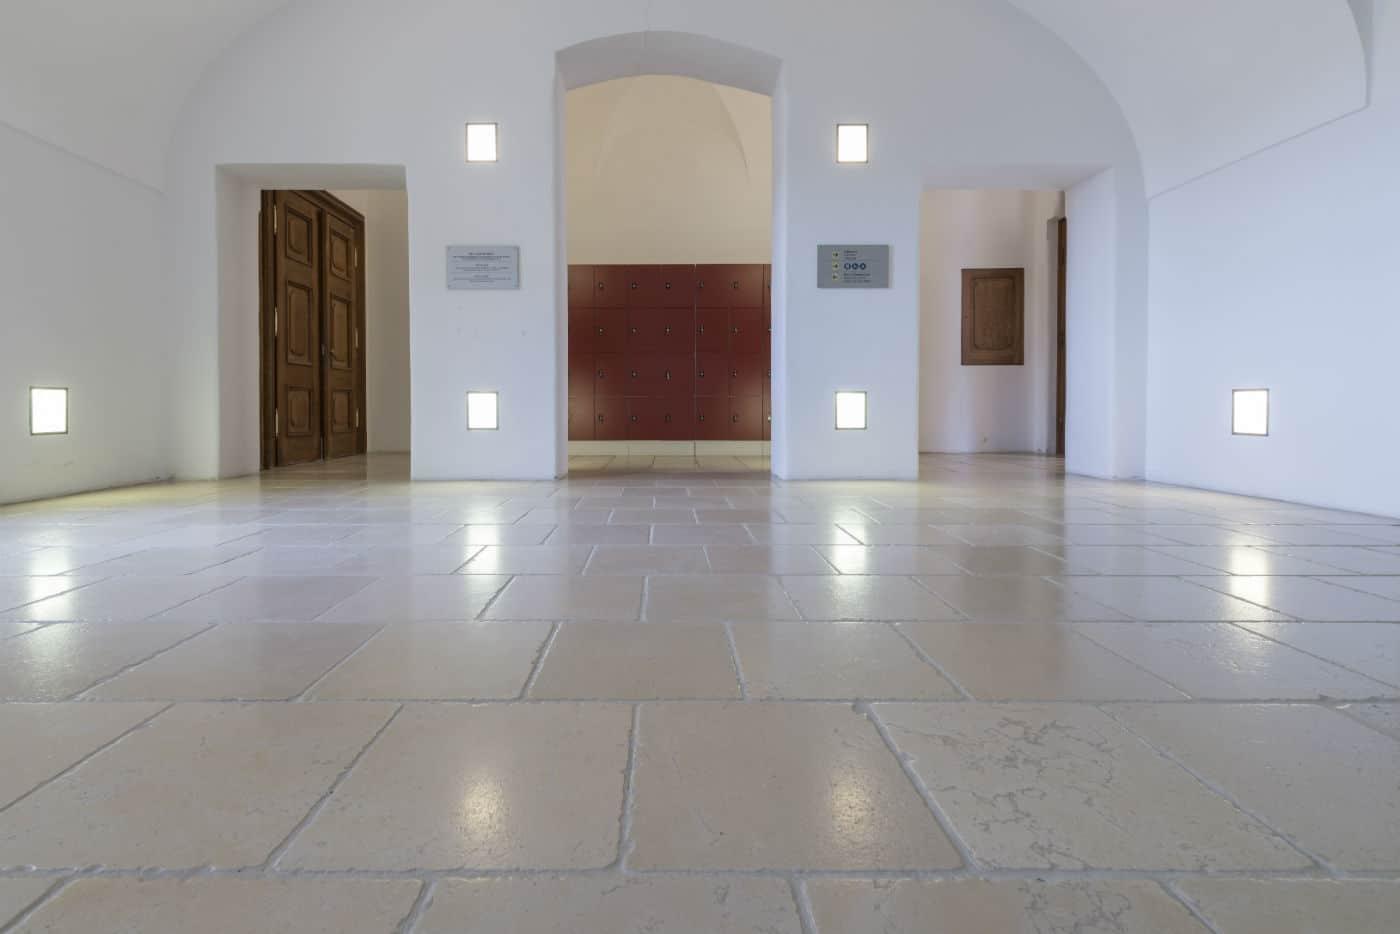 Antiker Kalkstein in Optik von historischen Kelheimer Platten – 13